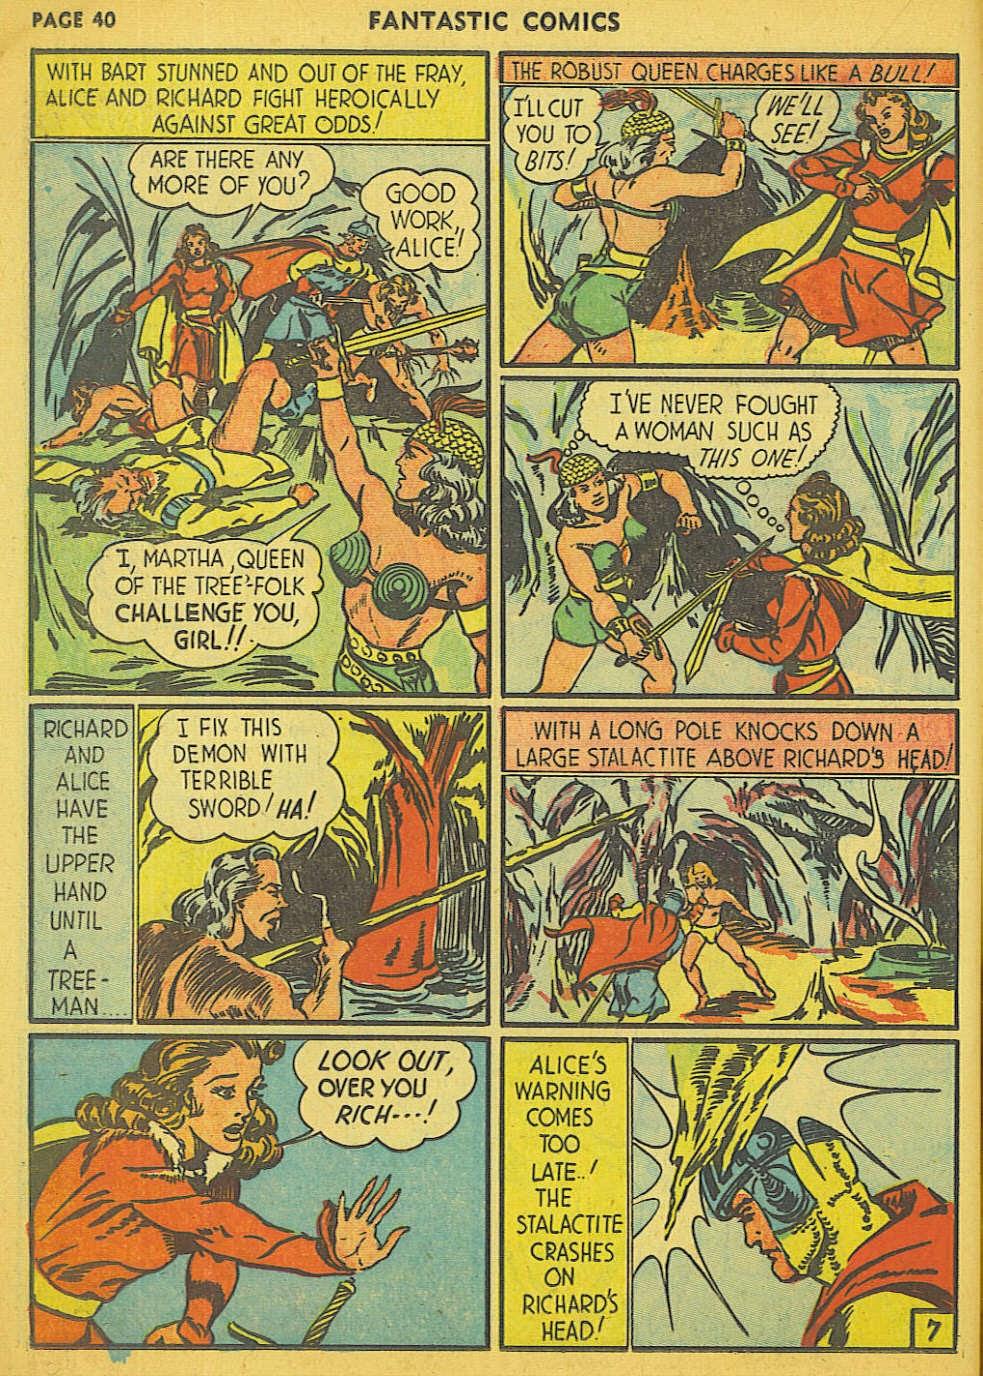 Read online Fantastic Comics comic -  Issue #15 - 34